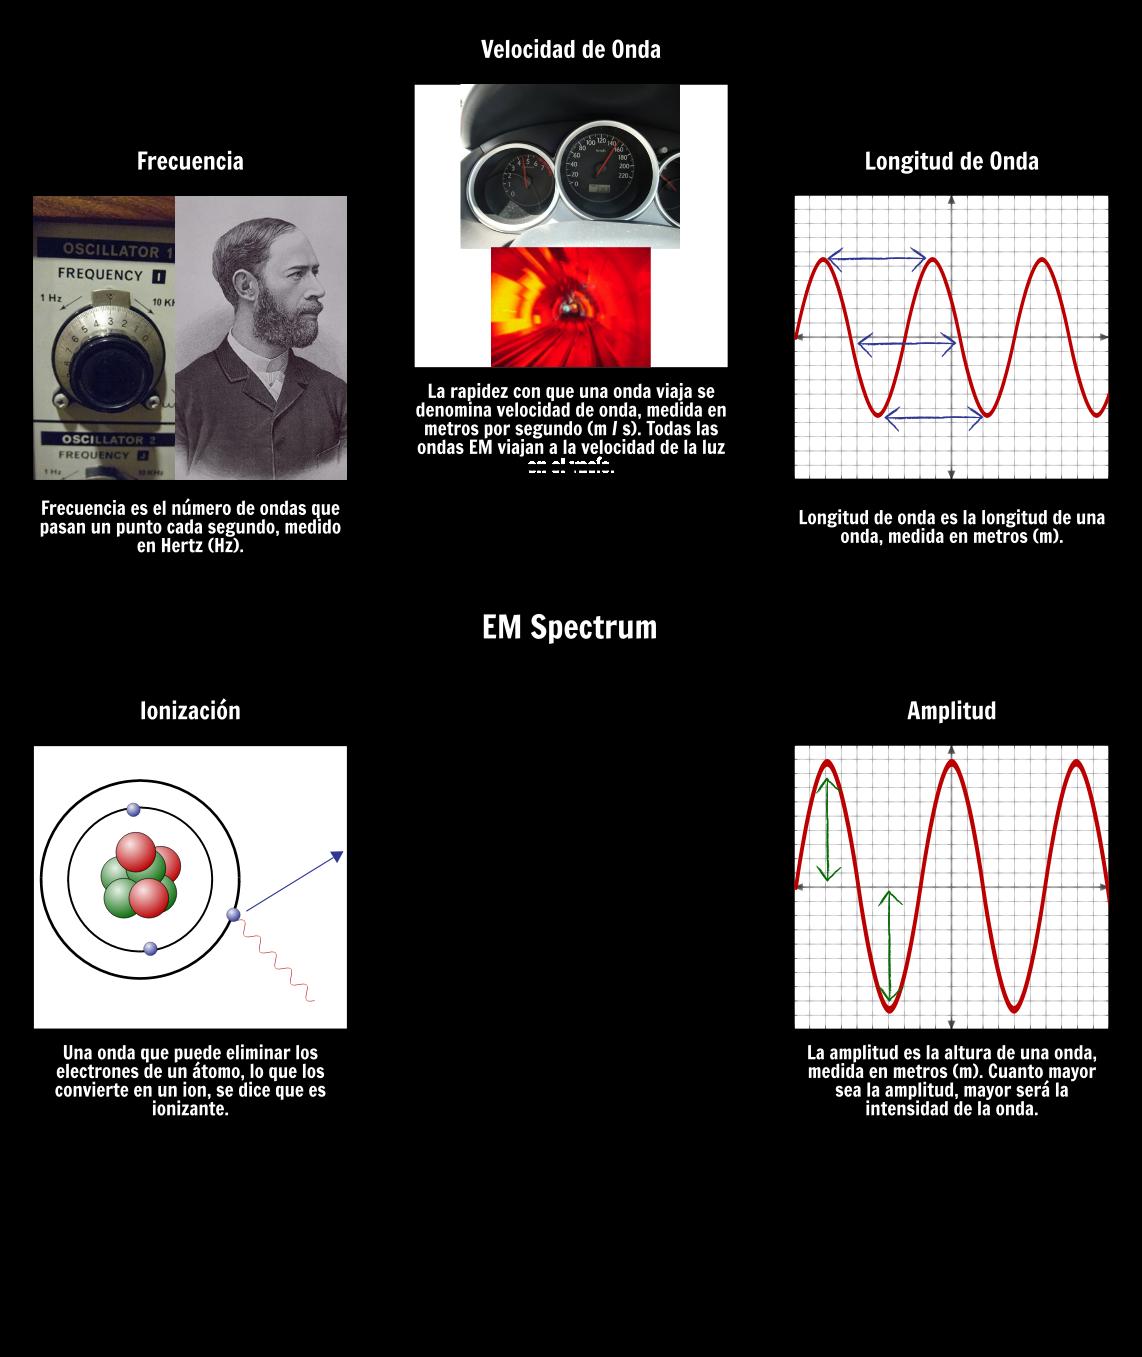 Vocabulario EM Spectrum